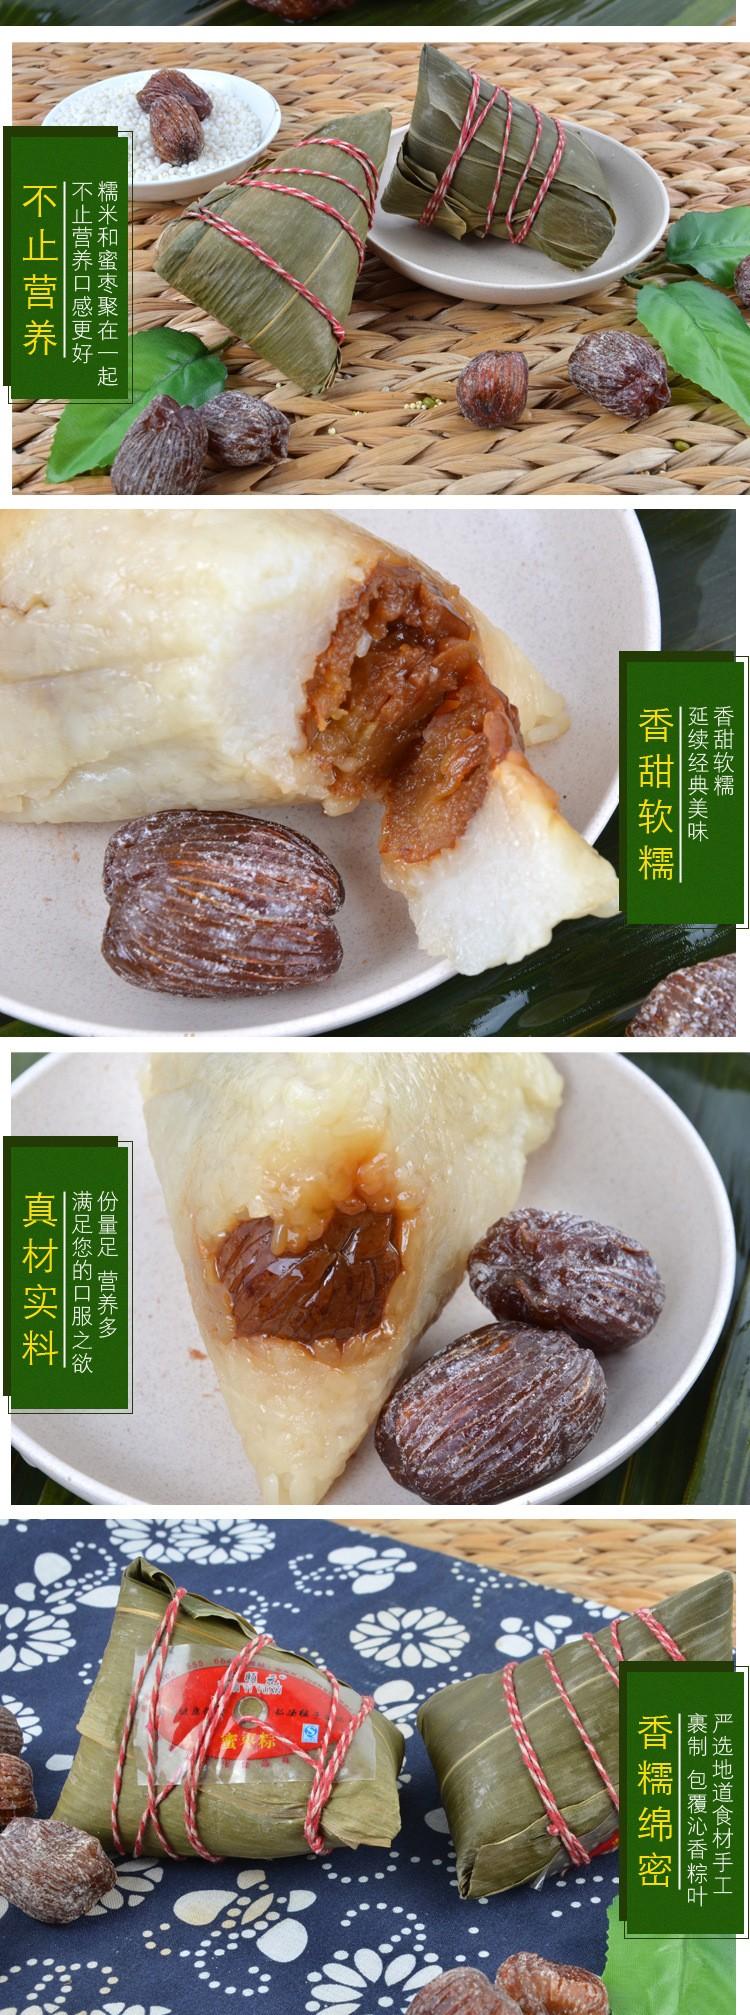 新鲜糉子蜜枣红枣糉豆沙克只端午节农家手工真空甜糉包邮详细照片